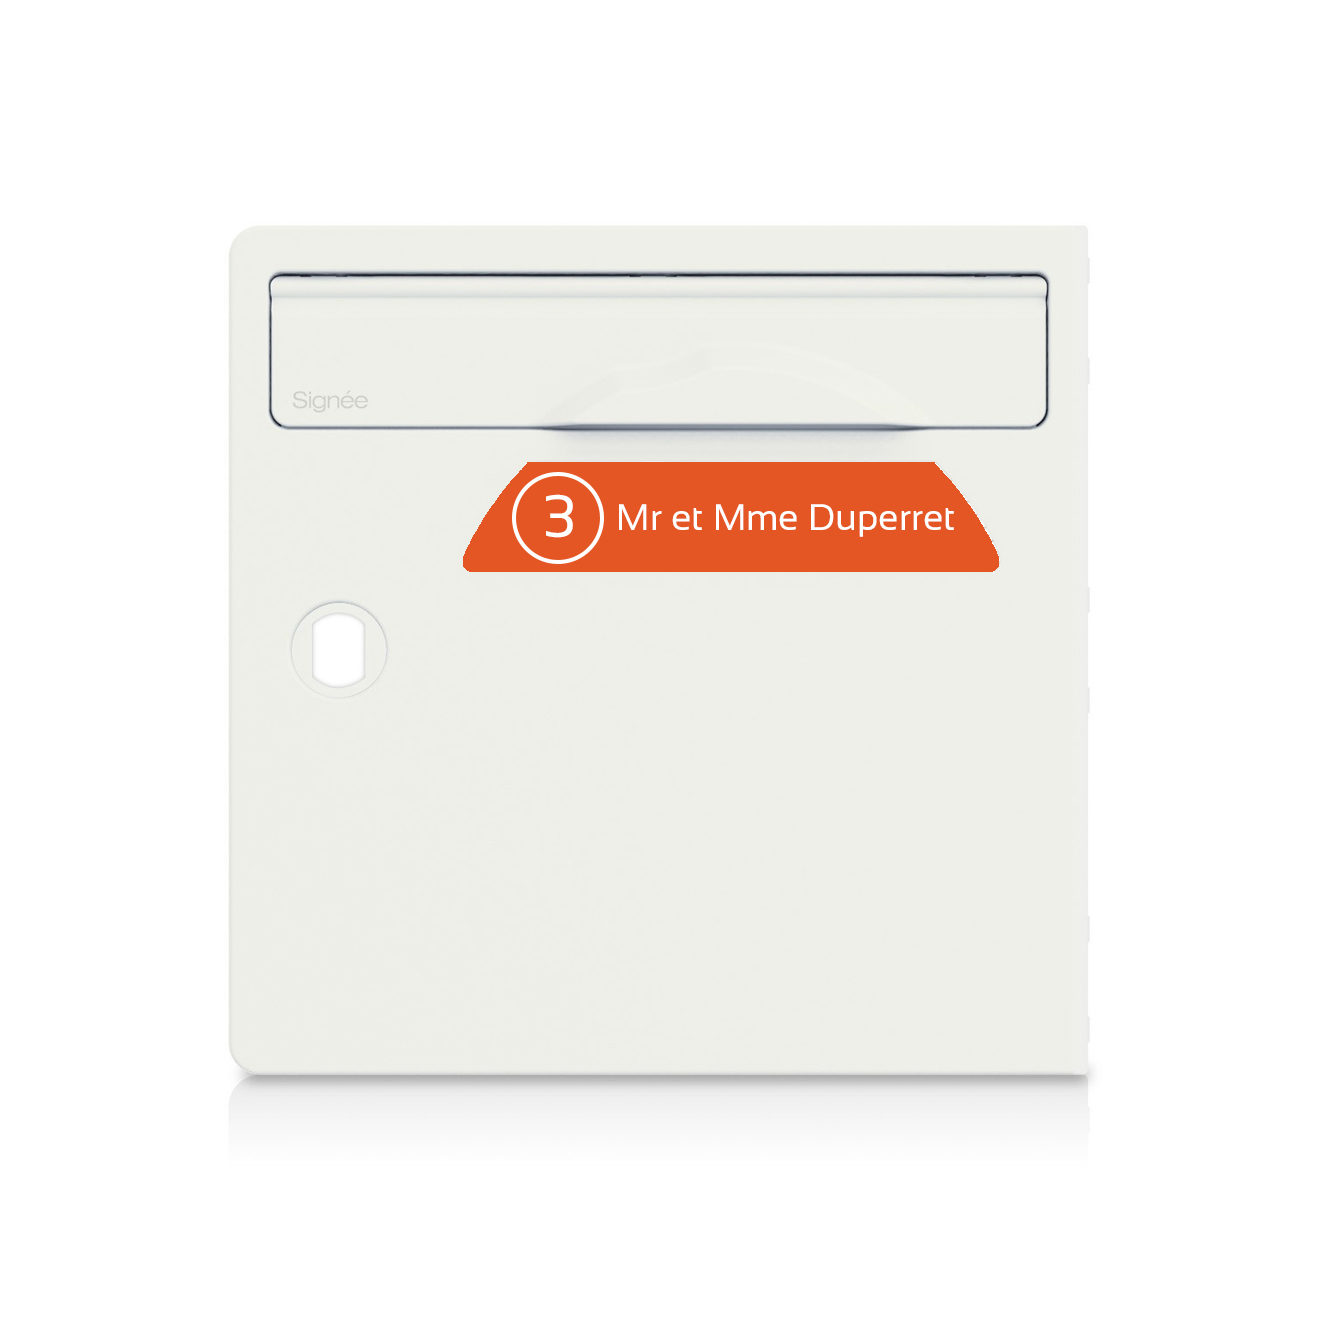 Plaque boite aux lettres Signée NUMERO orange lettres blanches - 1 ligne